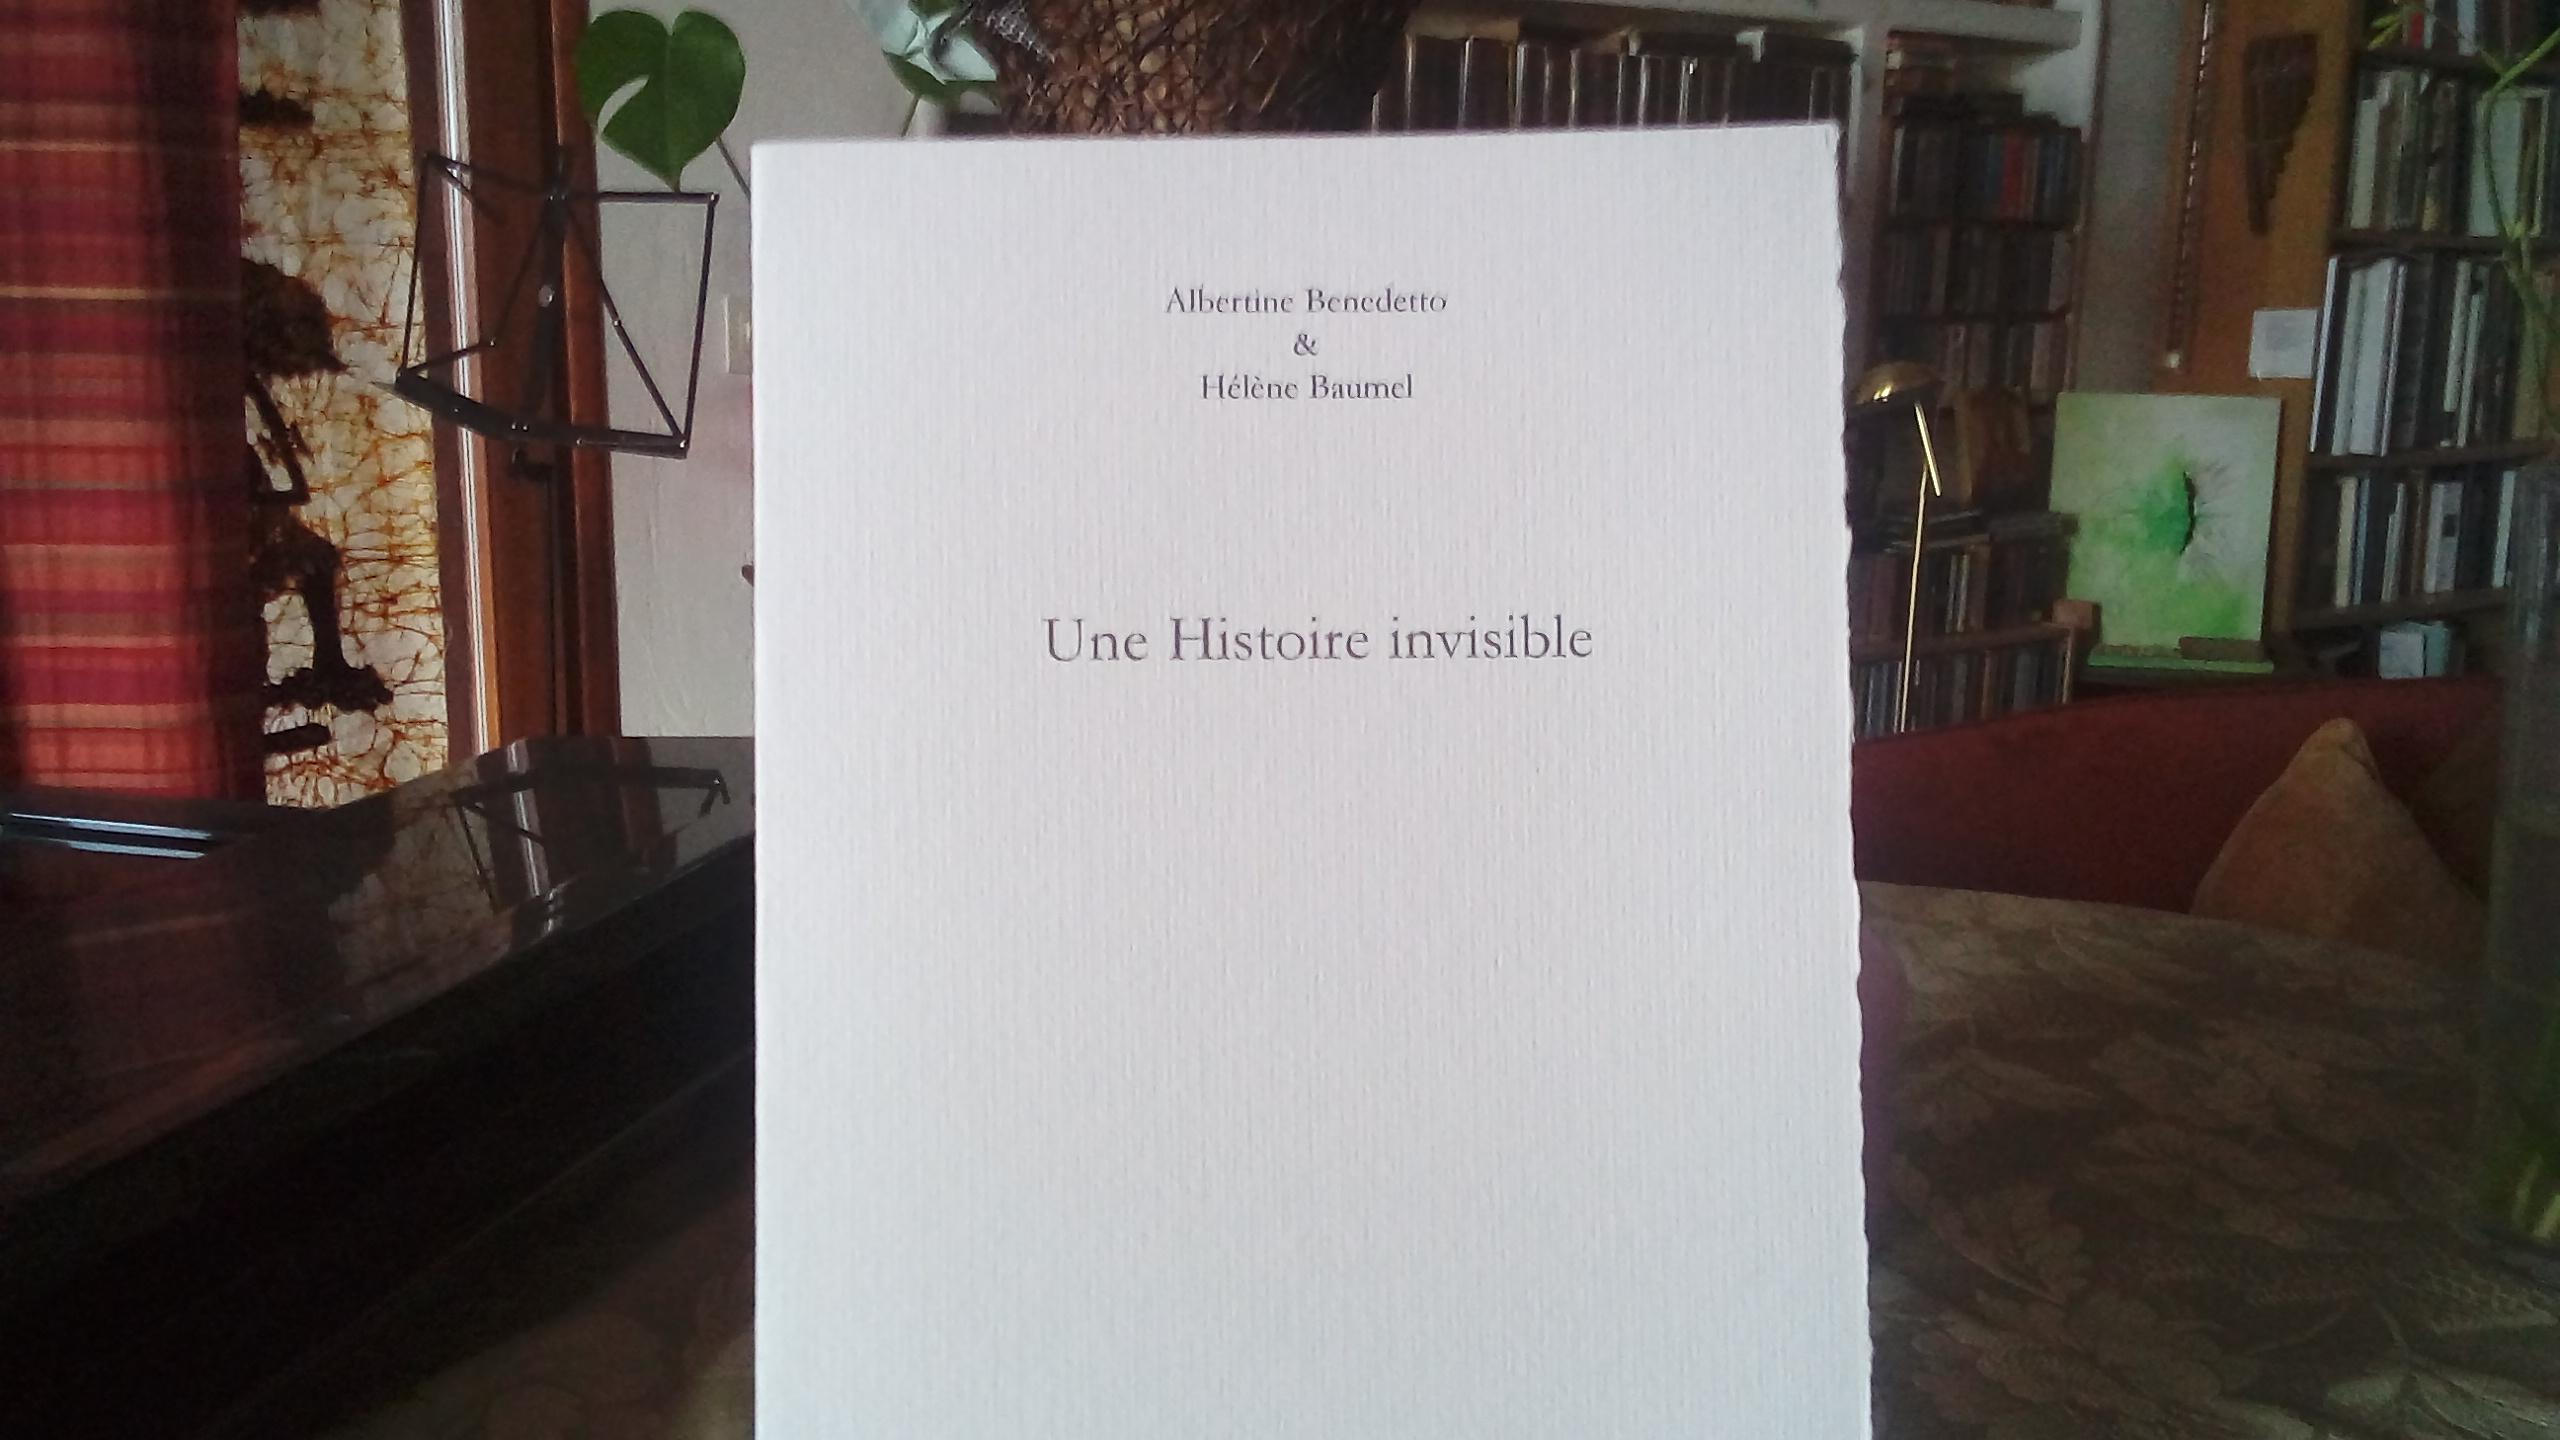 Livre d'artiste réalisé par Hélène Baumel sur un poème d'Albertine Benedetto, aux Cahiers du museur d'Alain Freixe, 2017